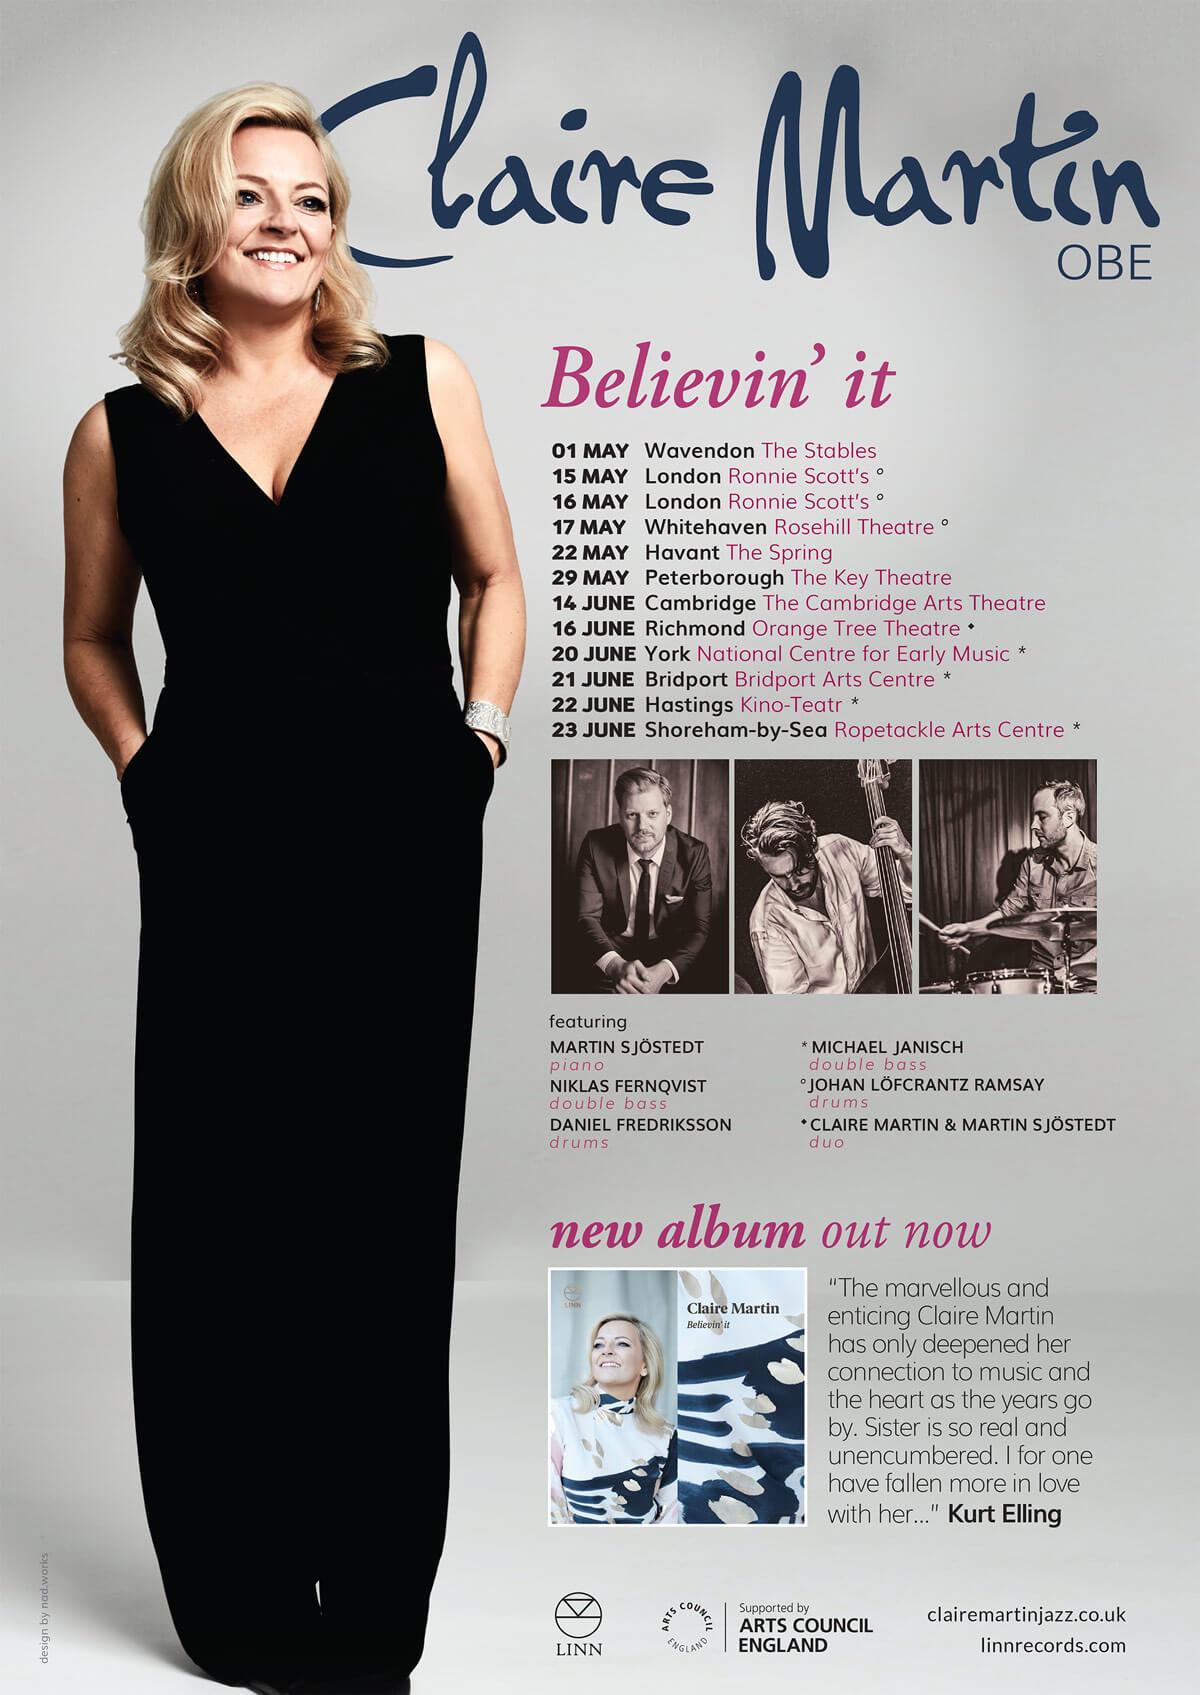 Claire Martin - Believin' It tour